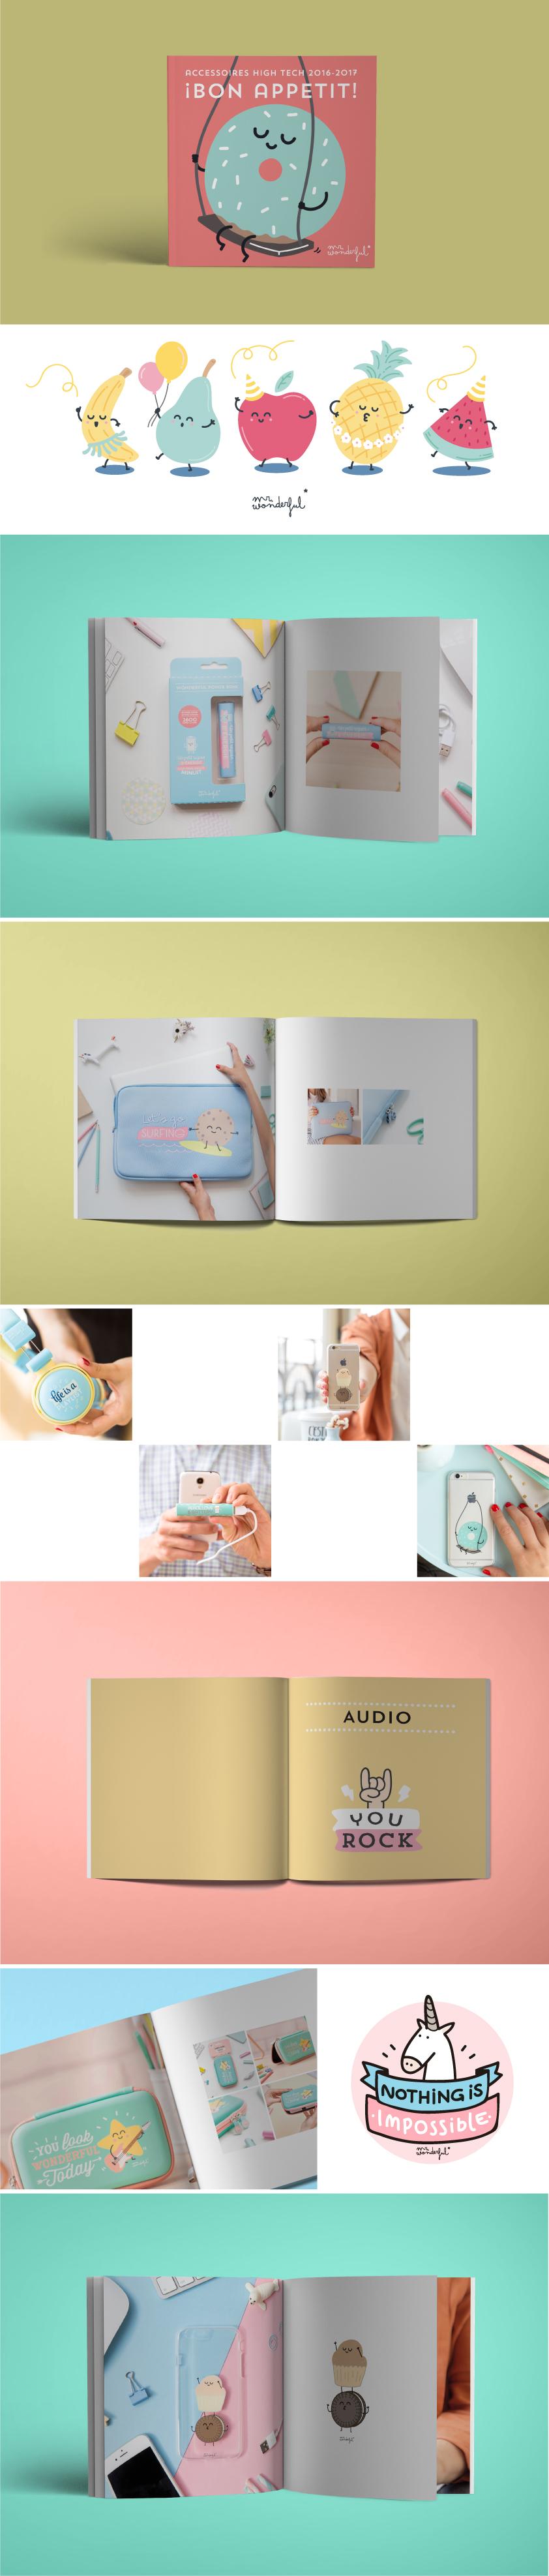 Diseño_CASE_MRWONDERFUL_catalogo.jpg